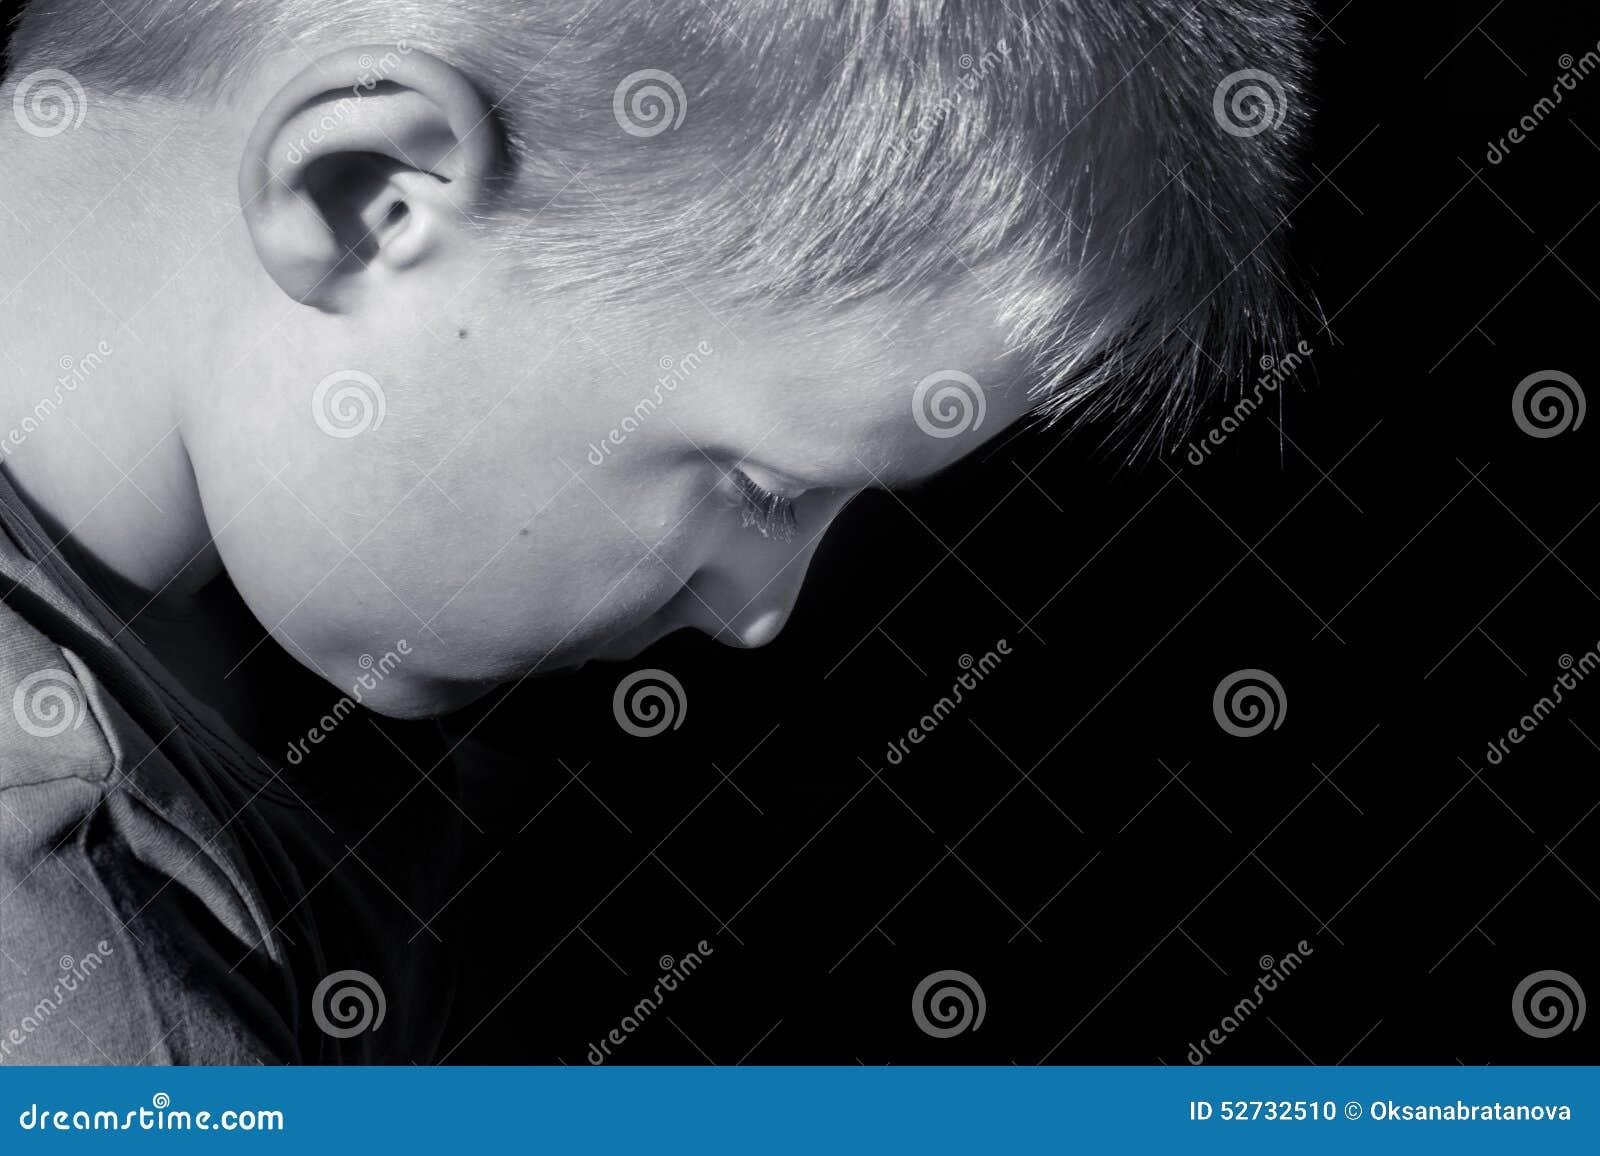 Criança amedrontada abusada virada (menino)